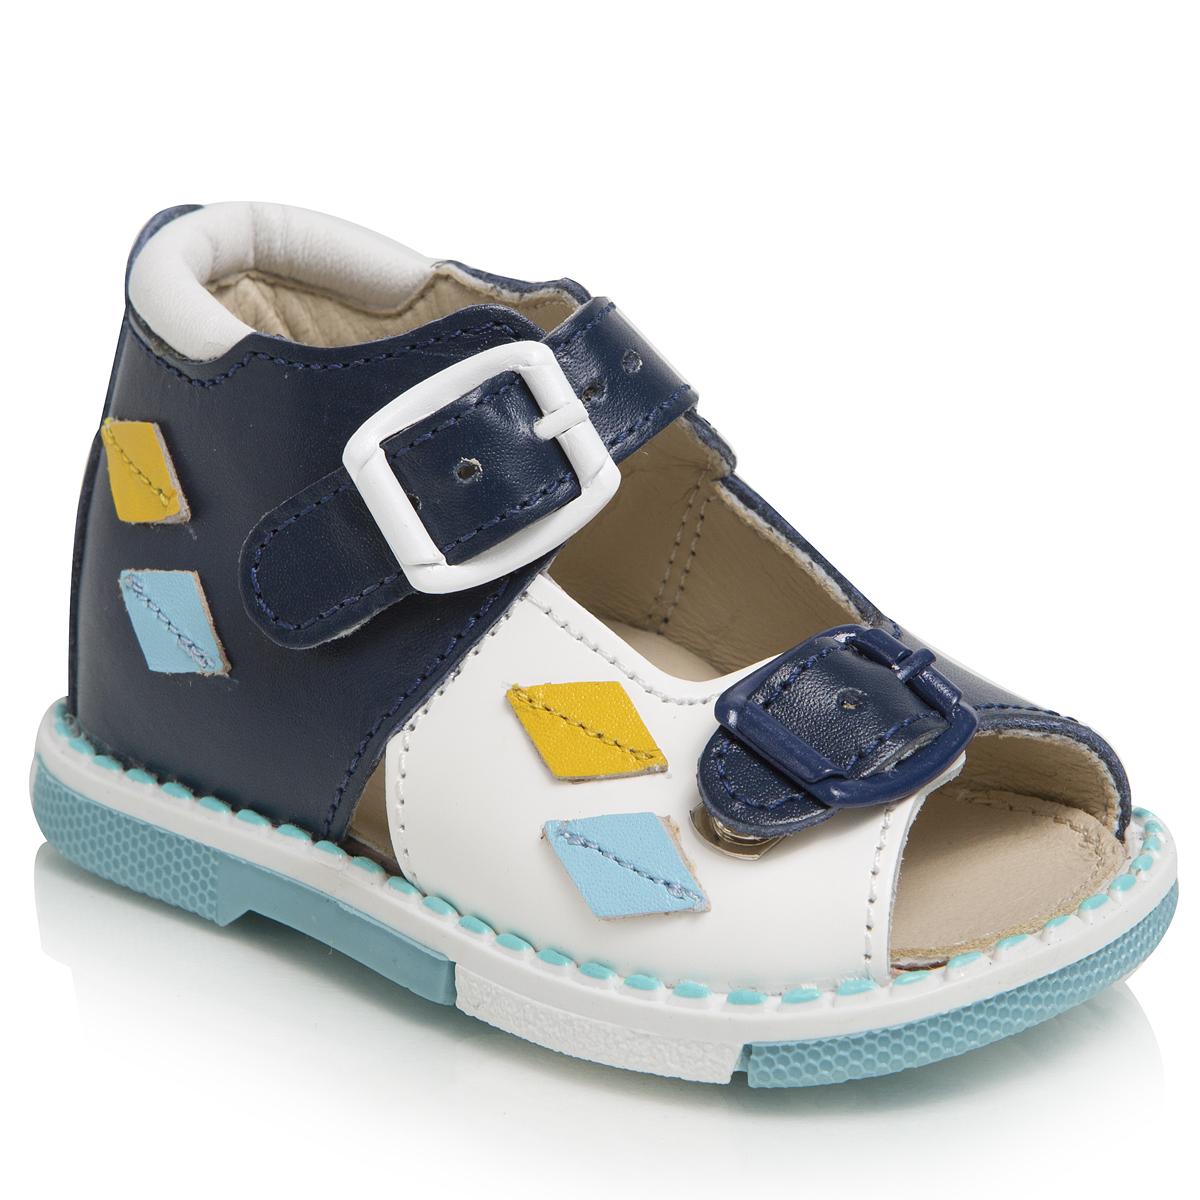 Сандалии для мальчиков. 119-121119-121ТАШИ ОРТО - детская профилактическая ортопедическая обувь массового производства. Ее можно носить не только детям с признаками плоскостопия и косолапия , но и для профилактики подобных отклонений. А многим детям ортопедическая обувь НЕОБХОДИМА для коррекции стопы, исправления походки и осанки.